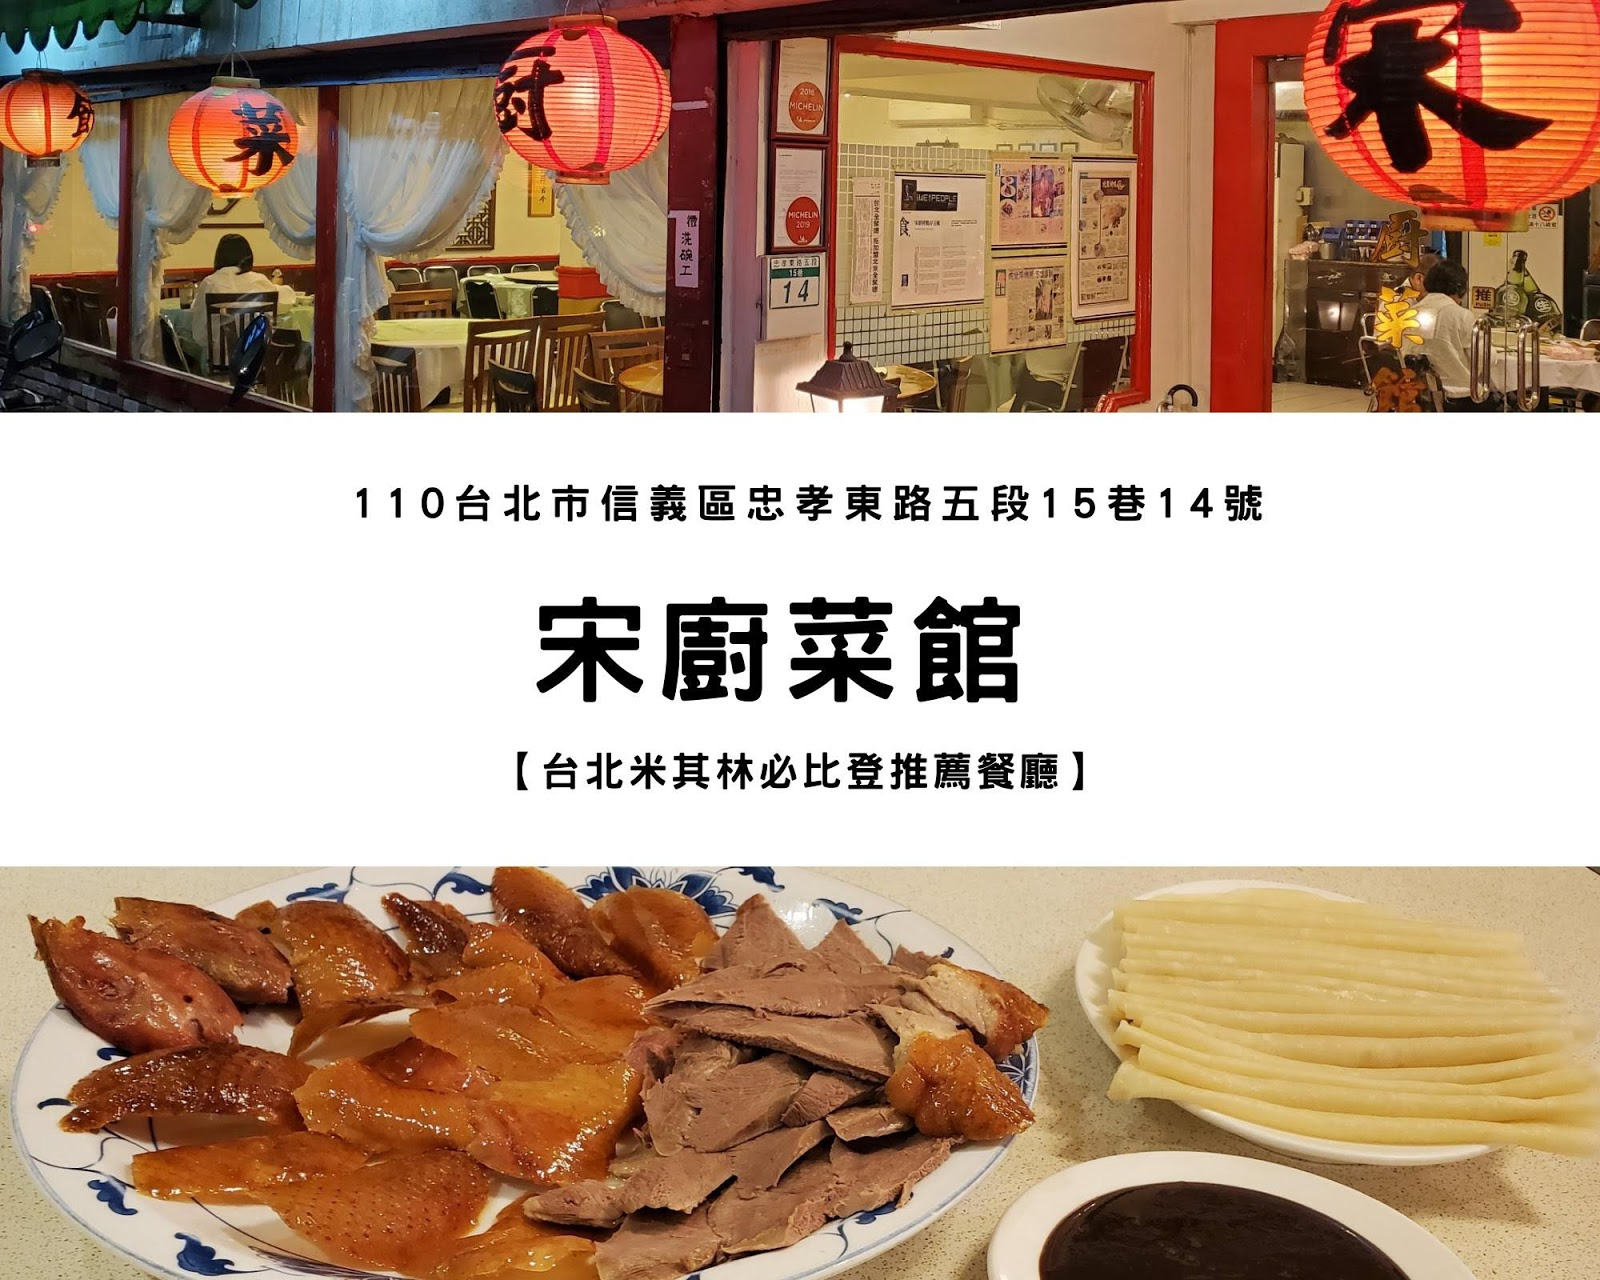 【捷運市府站】宋廚菜館|台北米其林必比登推薦餐廳、烤鴨美味,唯防疫措施有待加強